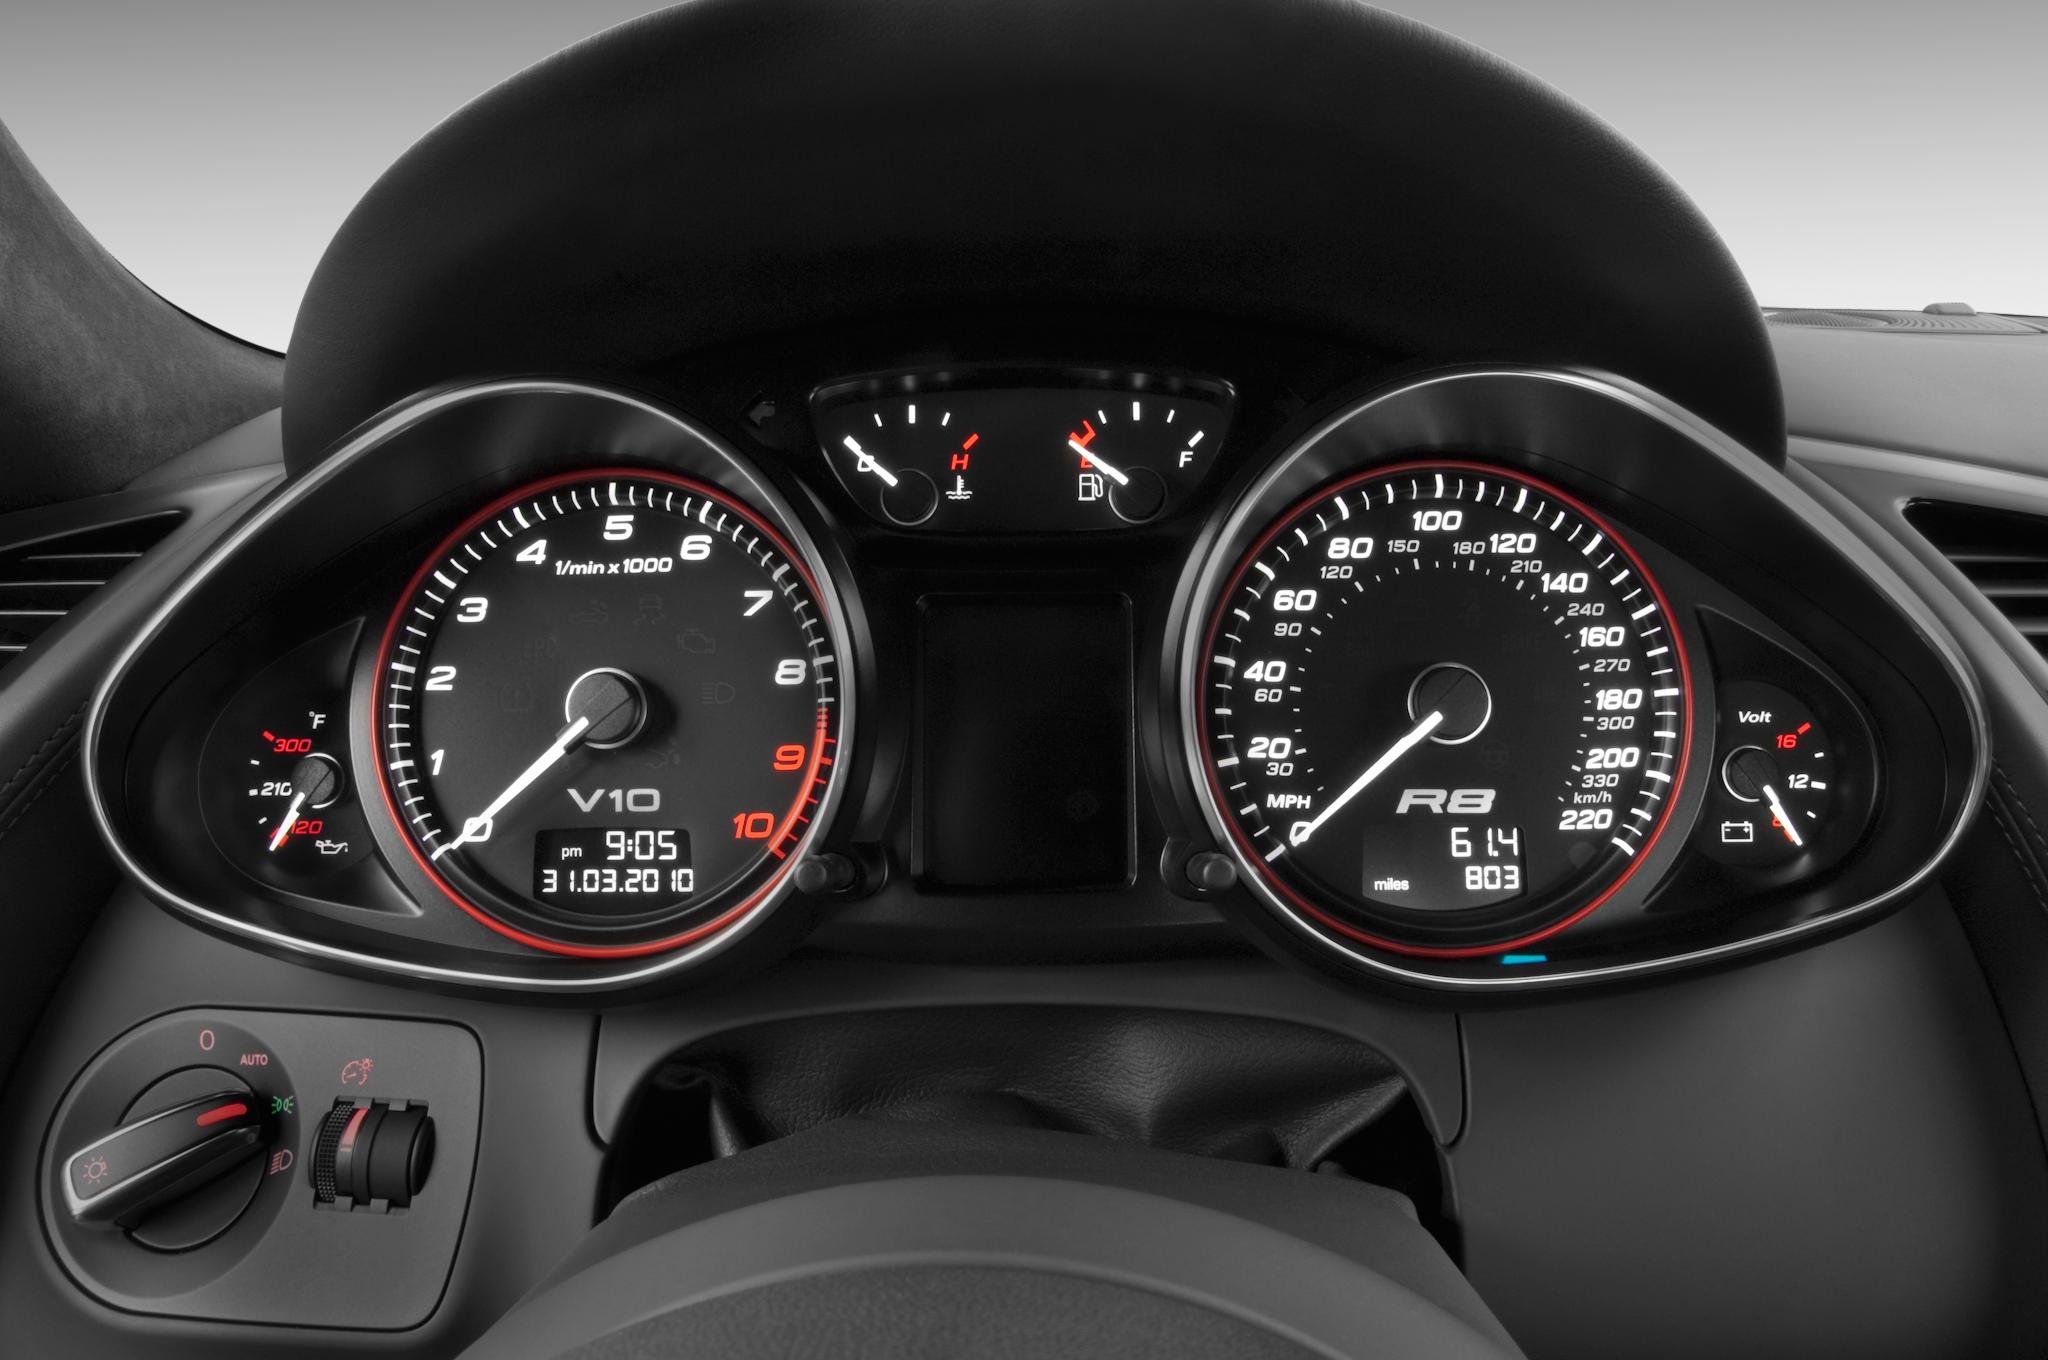 2010 audi r8 v10 audi sport coupe review automobile magazine rh automobilemag com Audi R8 Manual Diagram Audi R8 Blueprint